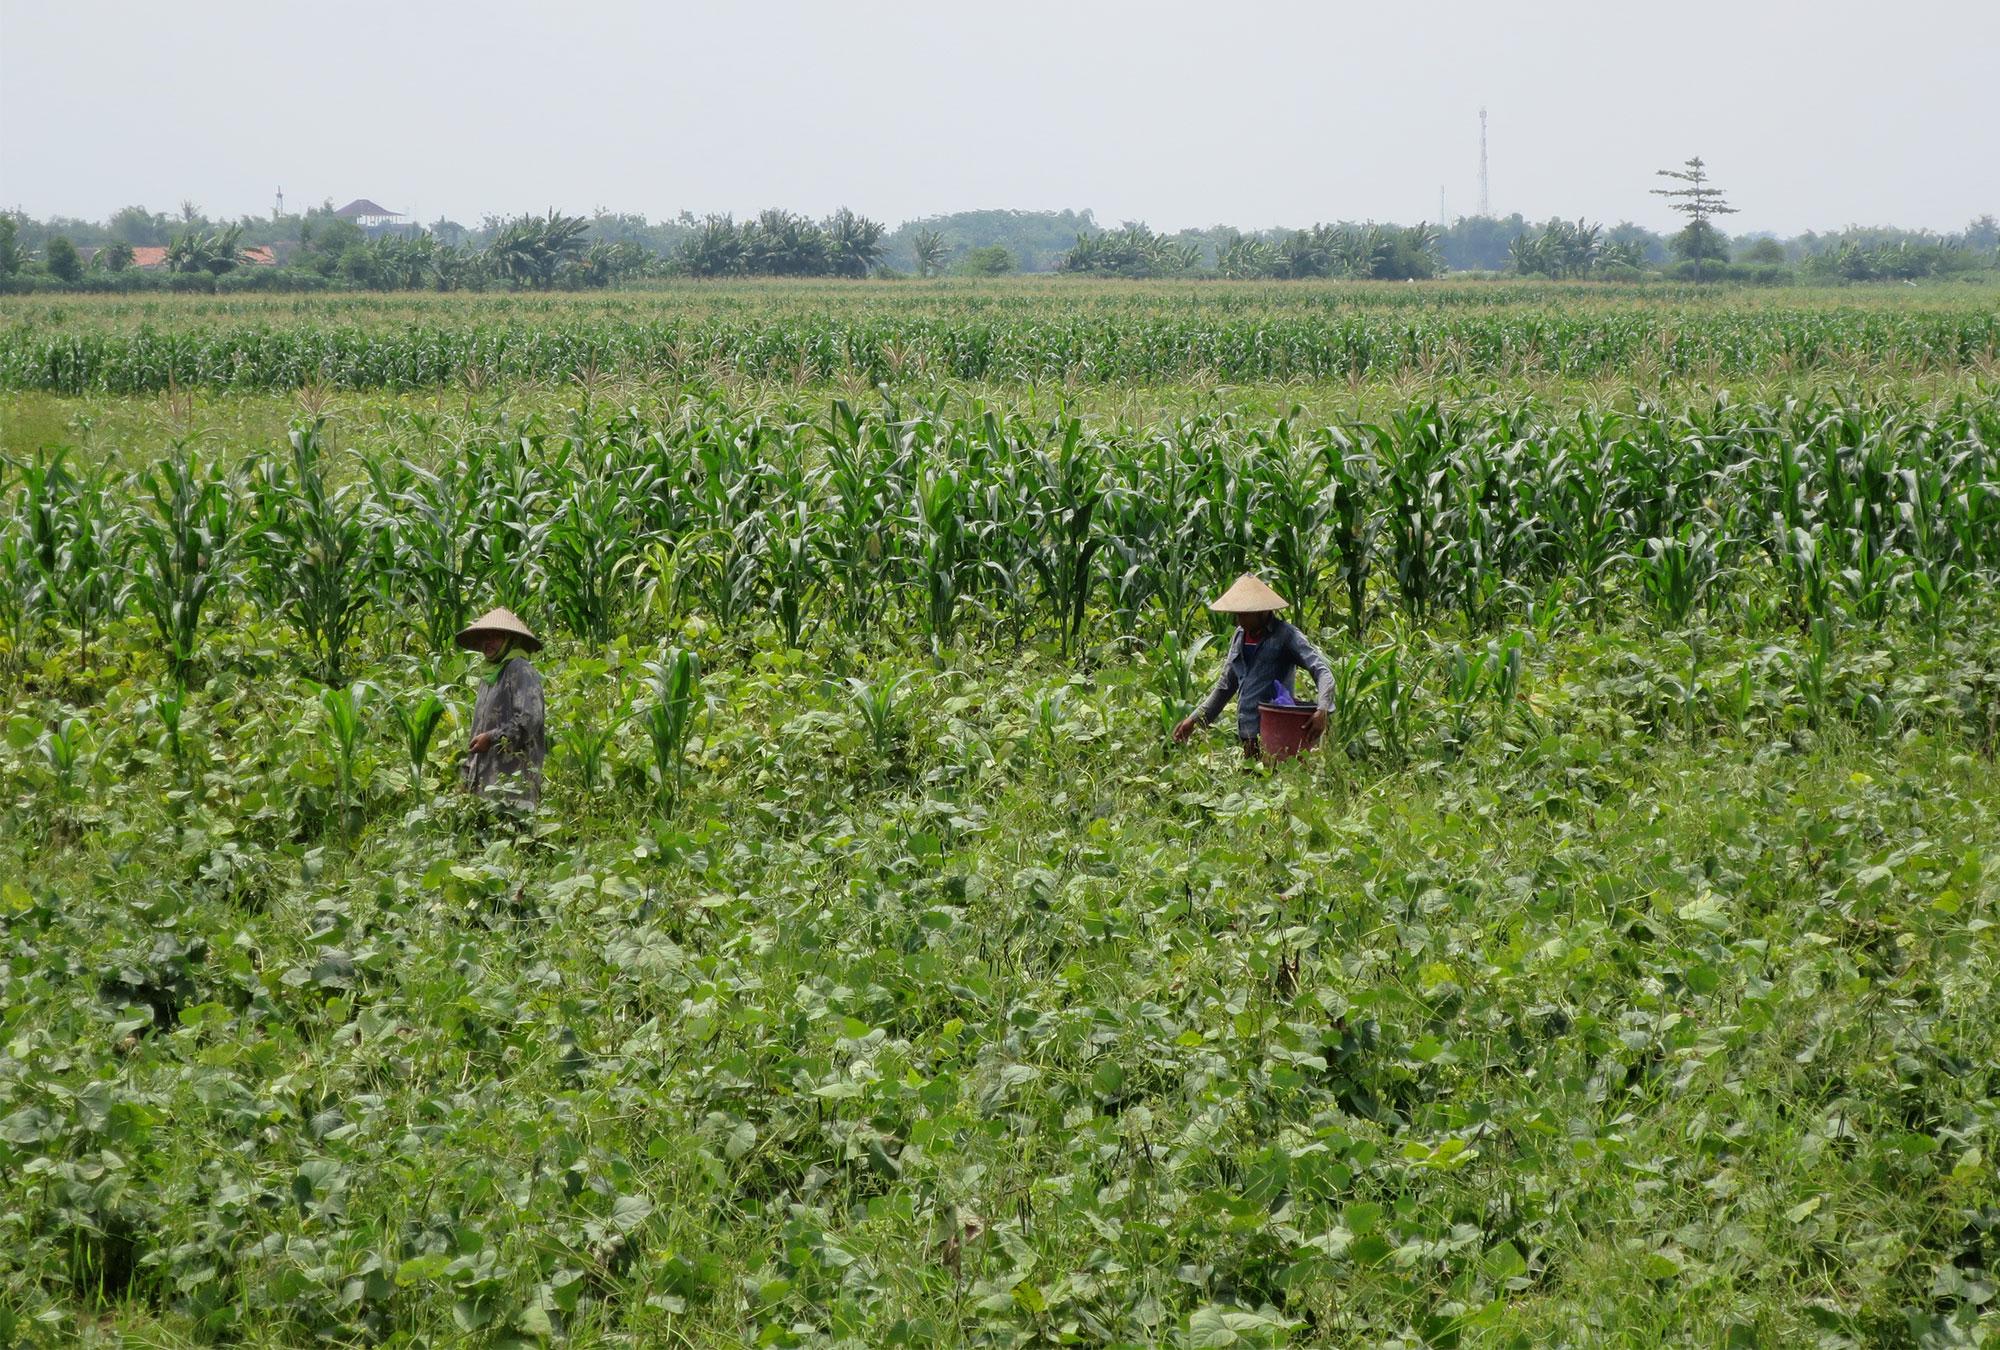 Farmers working in a field